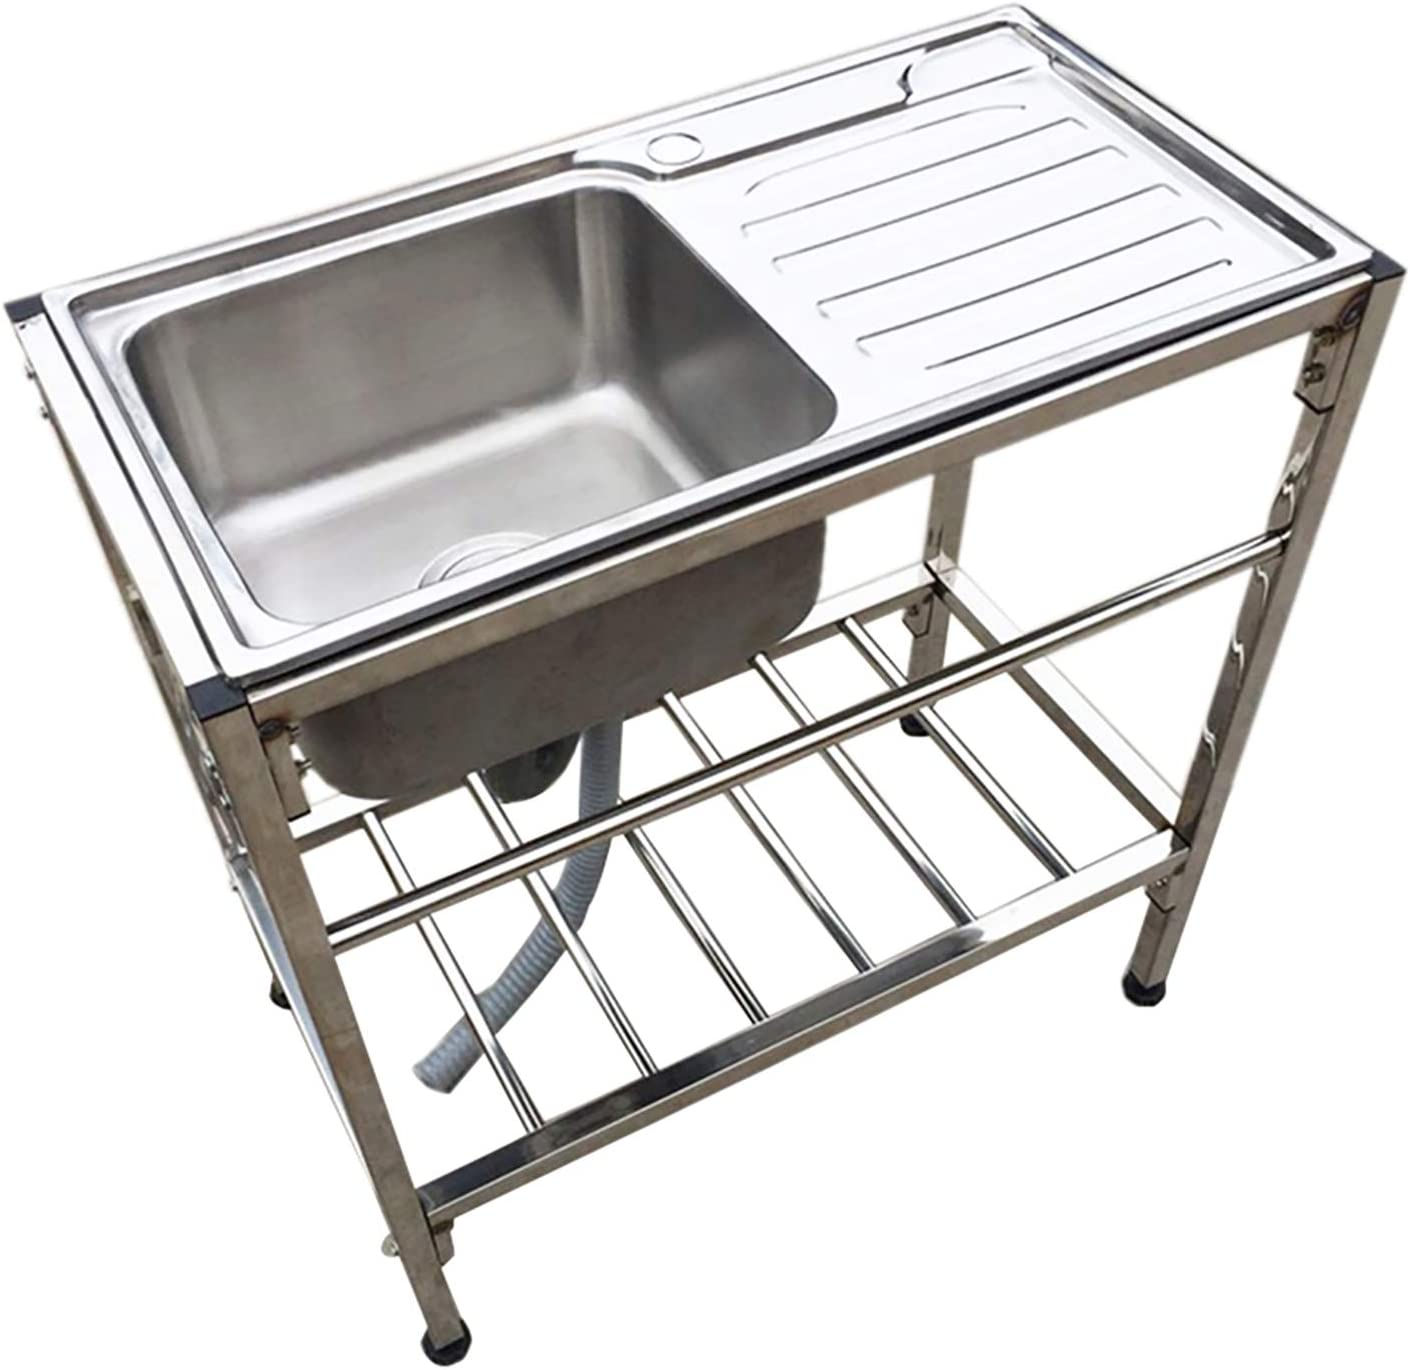 HTYQ Fregadero de Acero Inoxidable para Cocina Comercial, Fregadero con Soporte, Apto para Cocina, lavadero de baño, Patio, Garaje, sótano